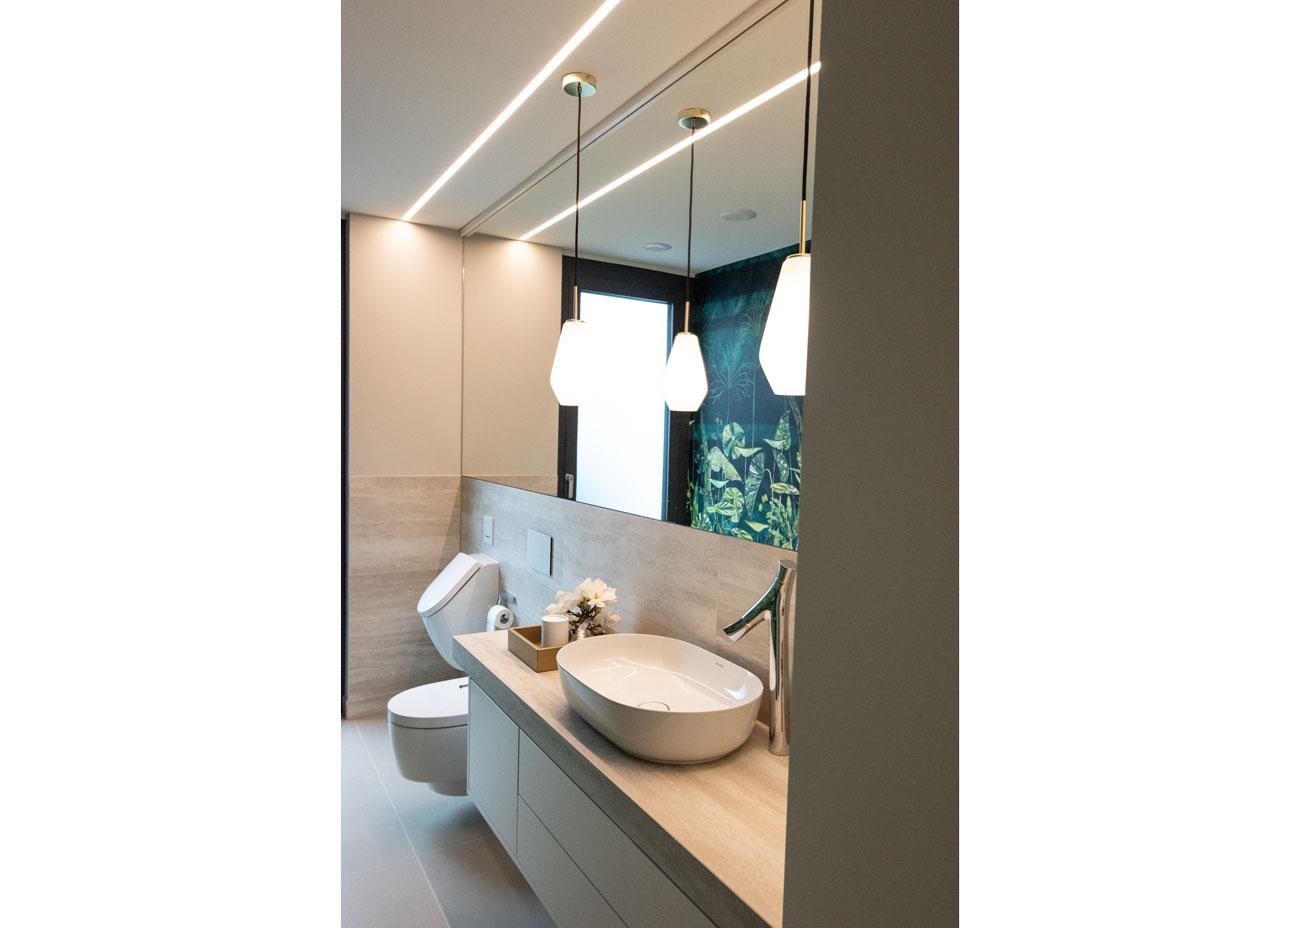 haus einrichten bad waschtisch leuchten tapete tropisch grün